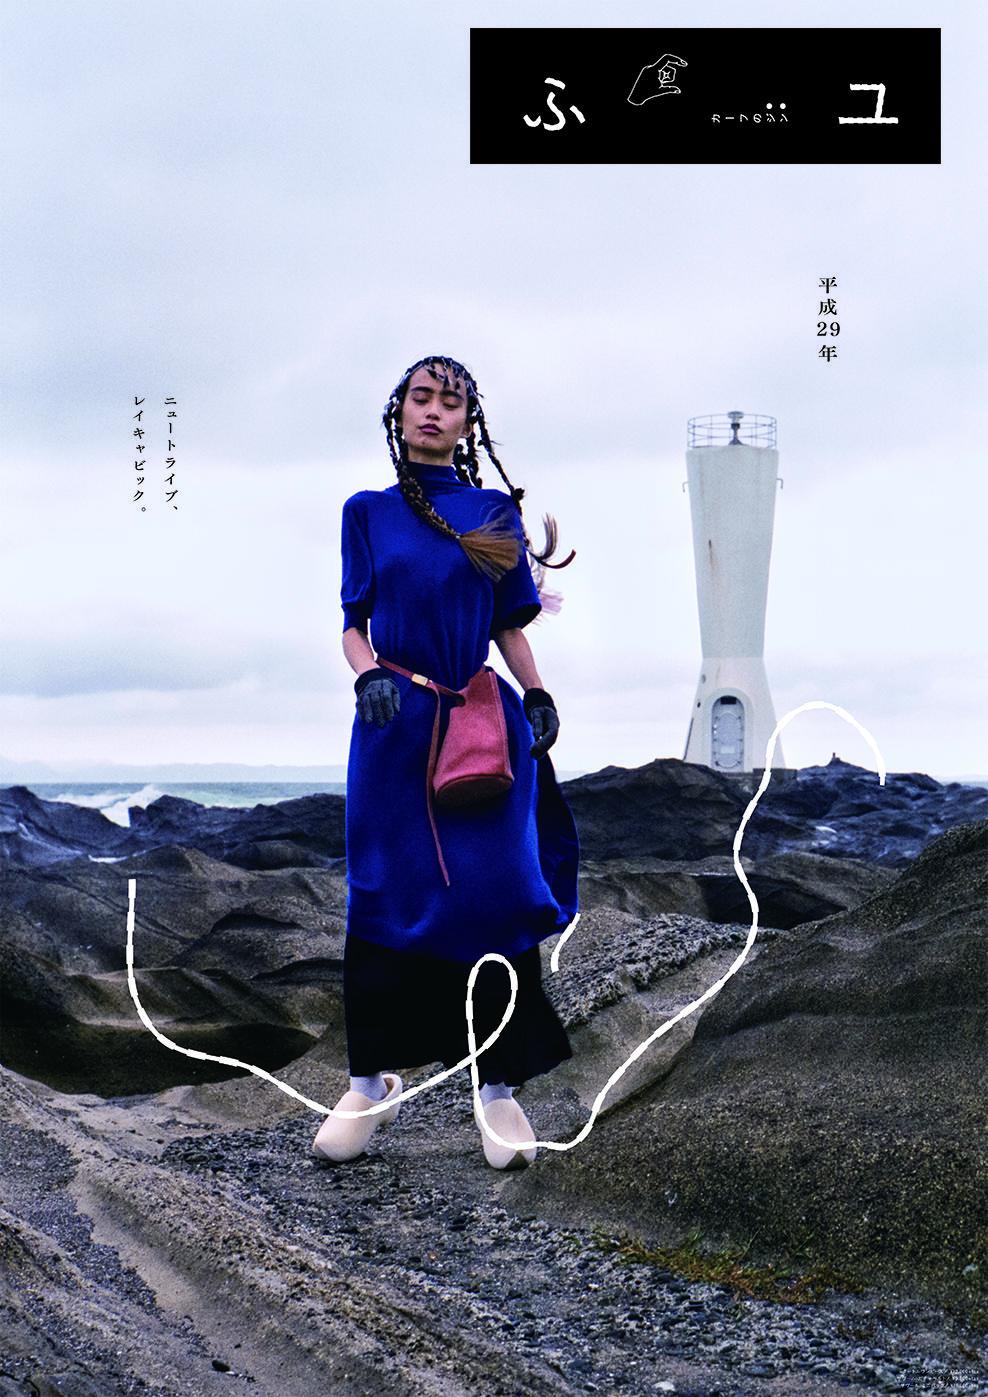 caph|caph troupe 2017 winter カタログ画像